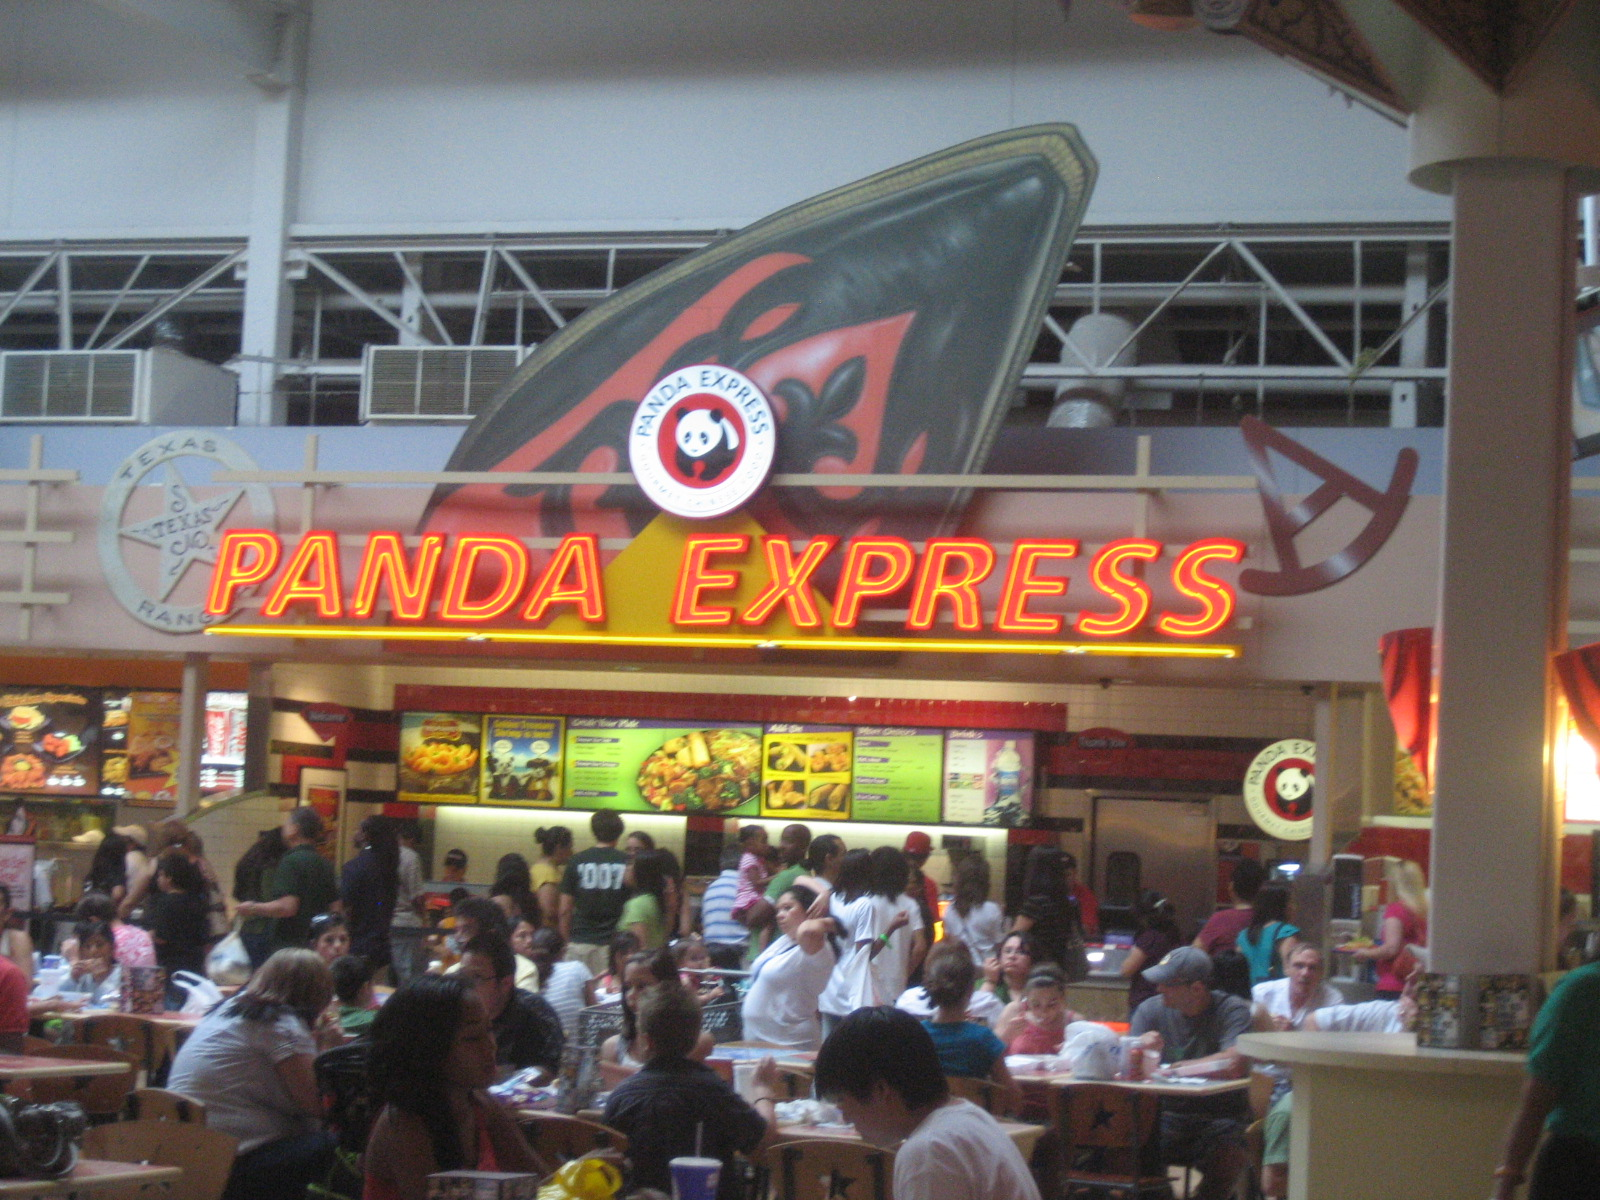 국가 음식마켓팅 (패스트푸드 체인점 편)